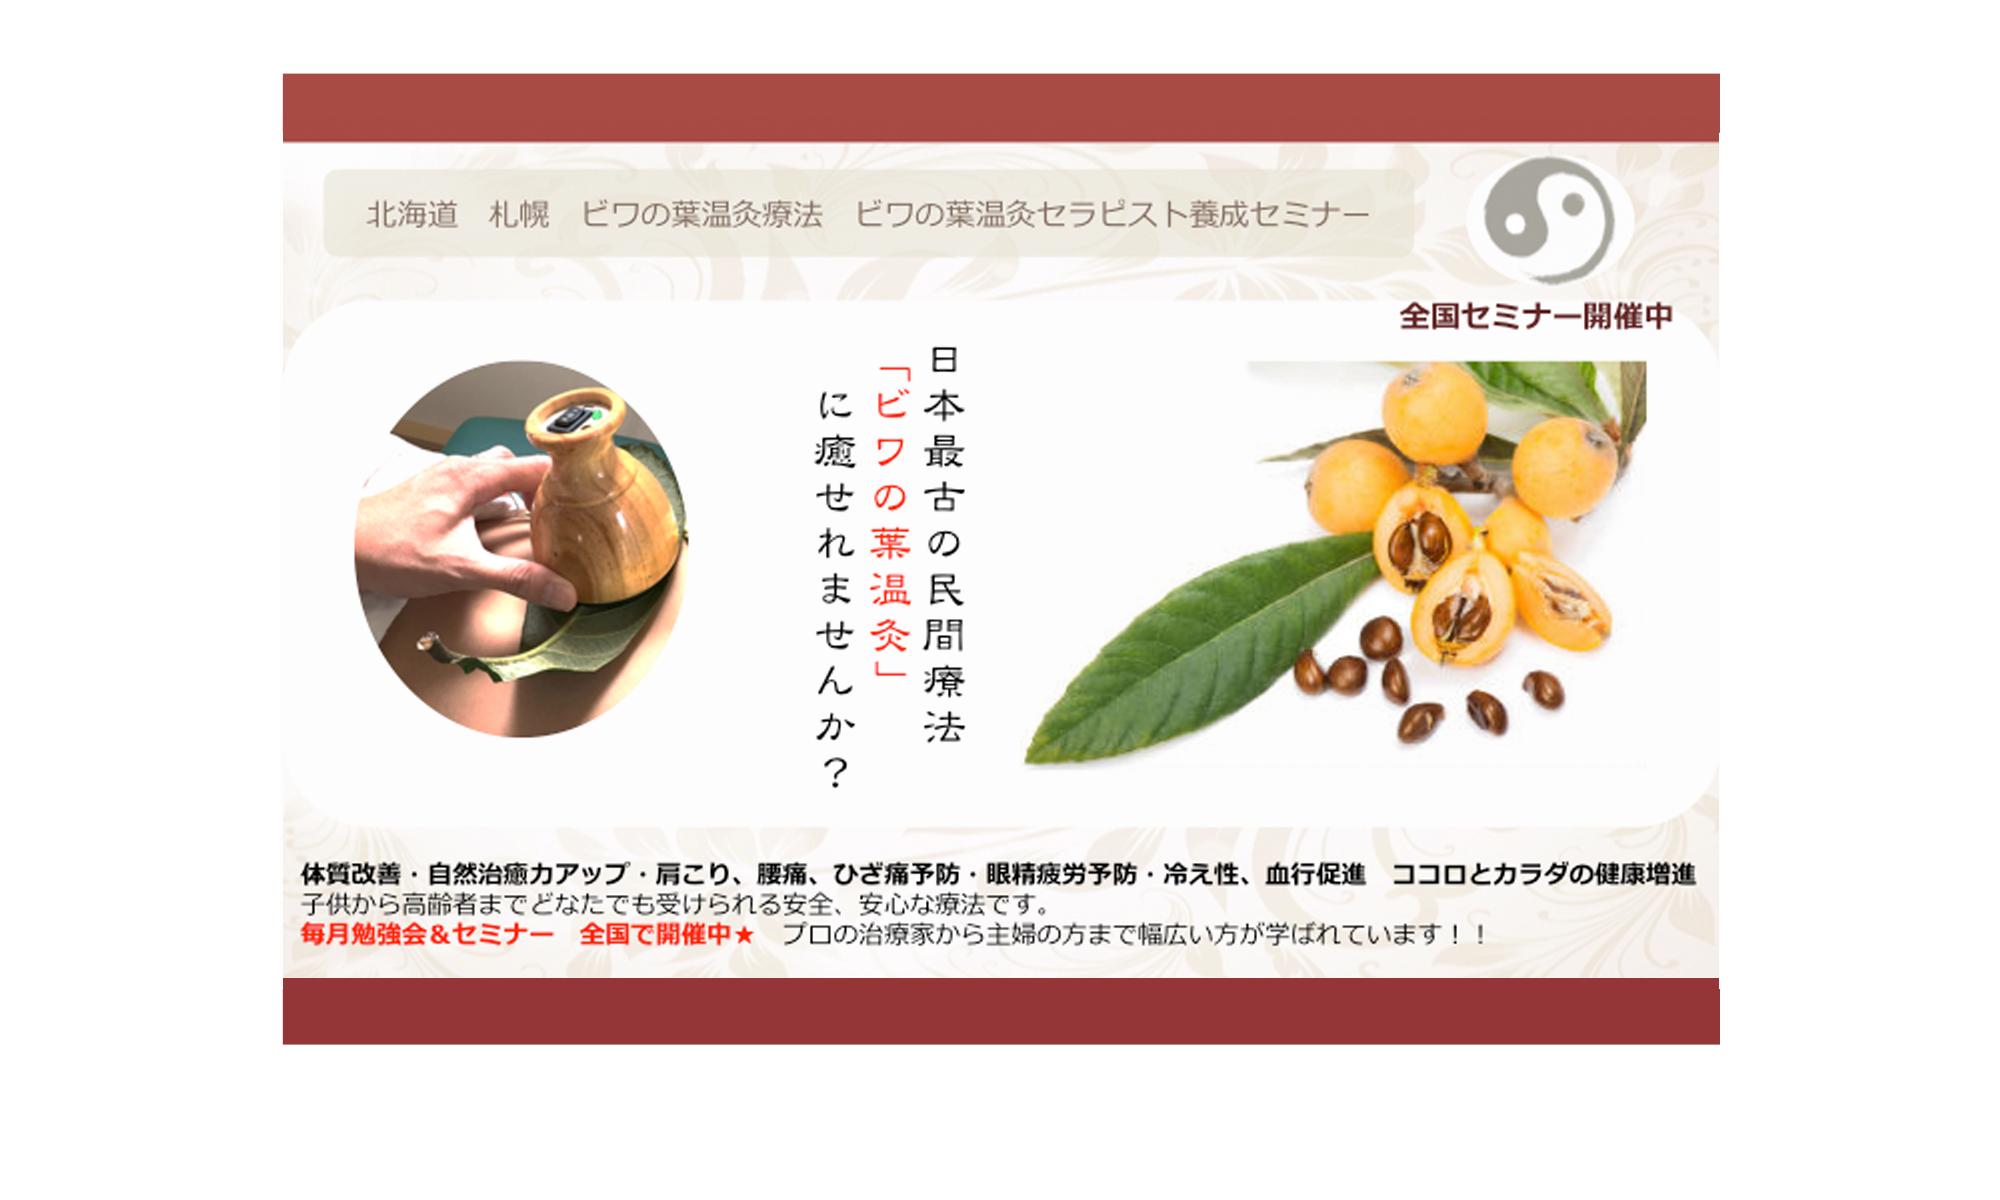 北海道札幌 日本最古の民間療法 ビワの葉温灸療法